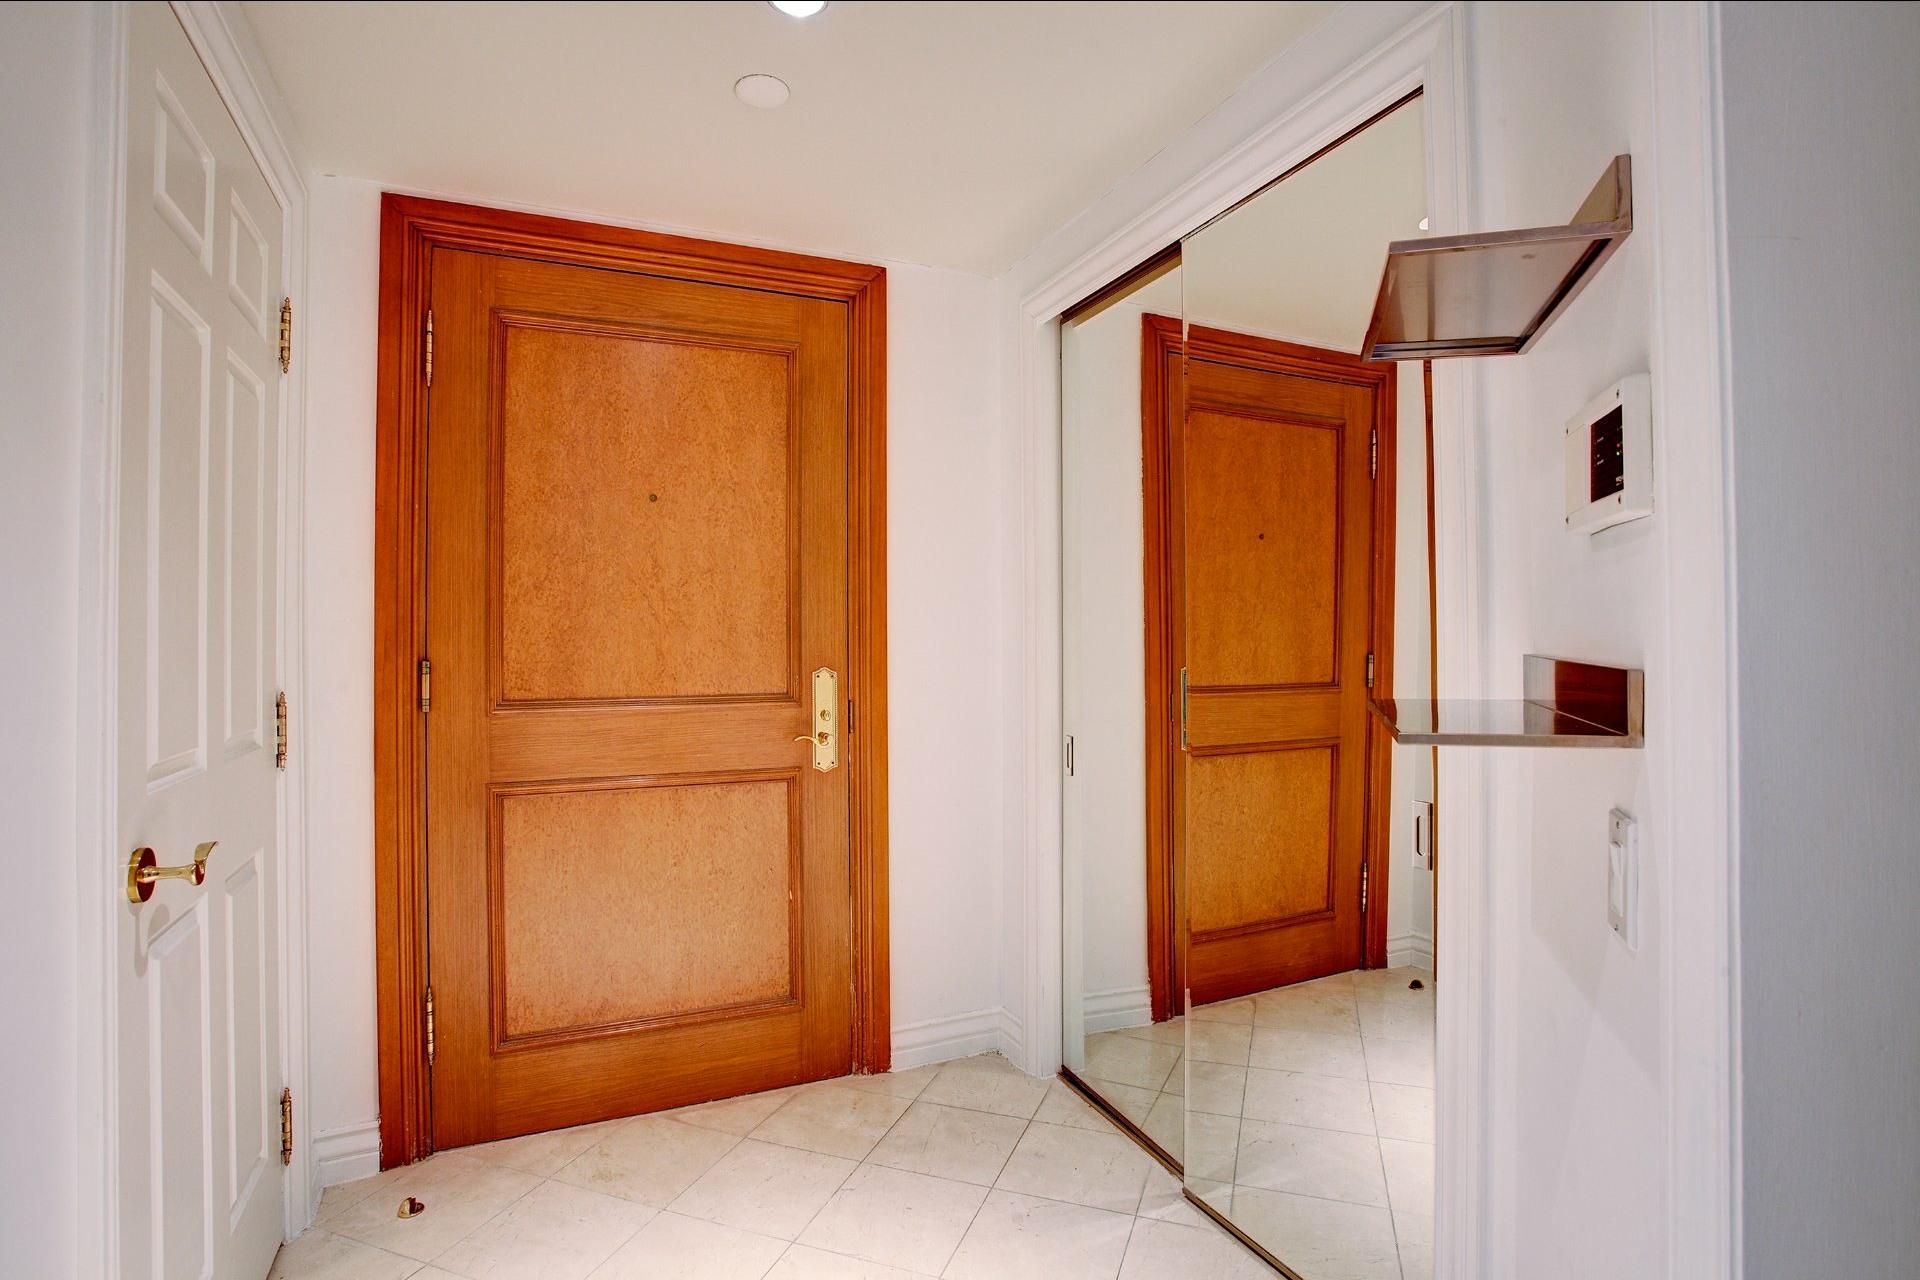 image 6 - Appartement À louer Montréal Ville-Marie  - 4 pièces